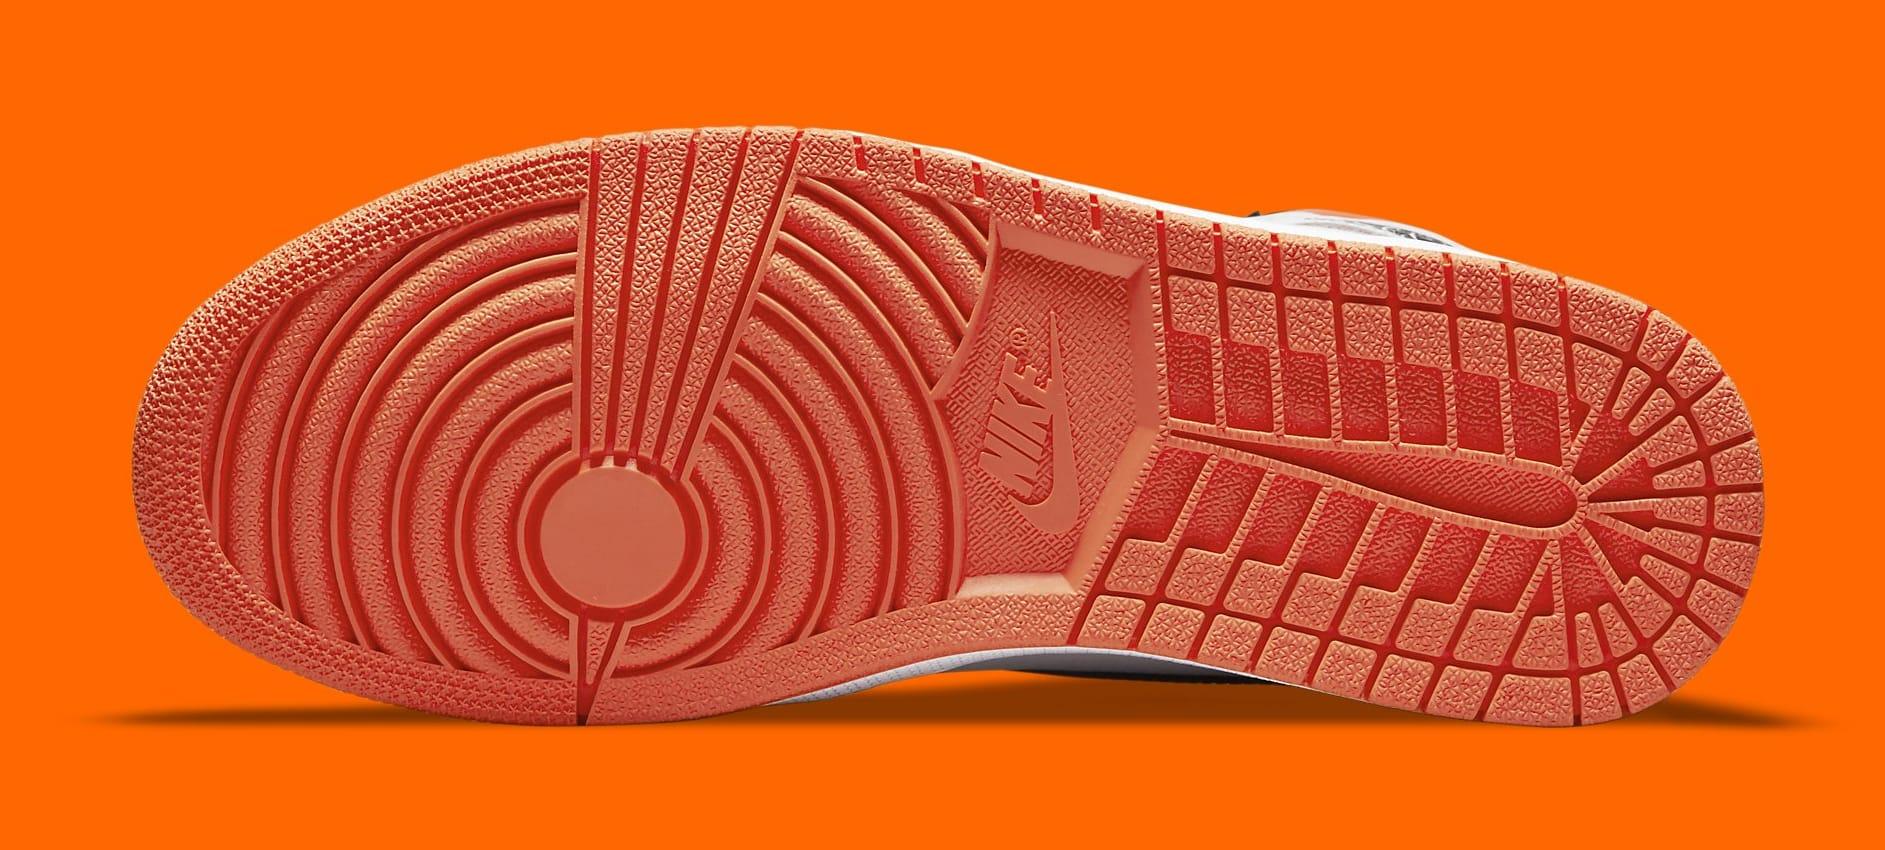 Air Jordan 1 Retro High OG 'Electro Orange' 555088-180 Outsole